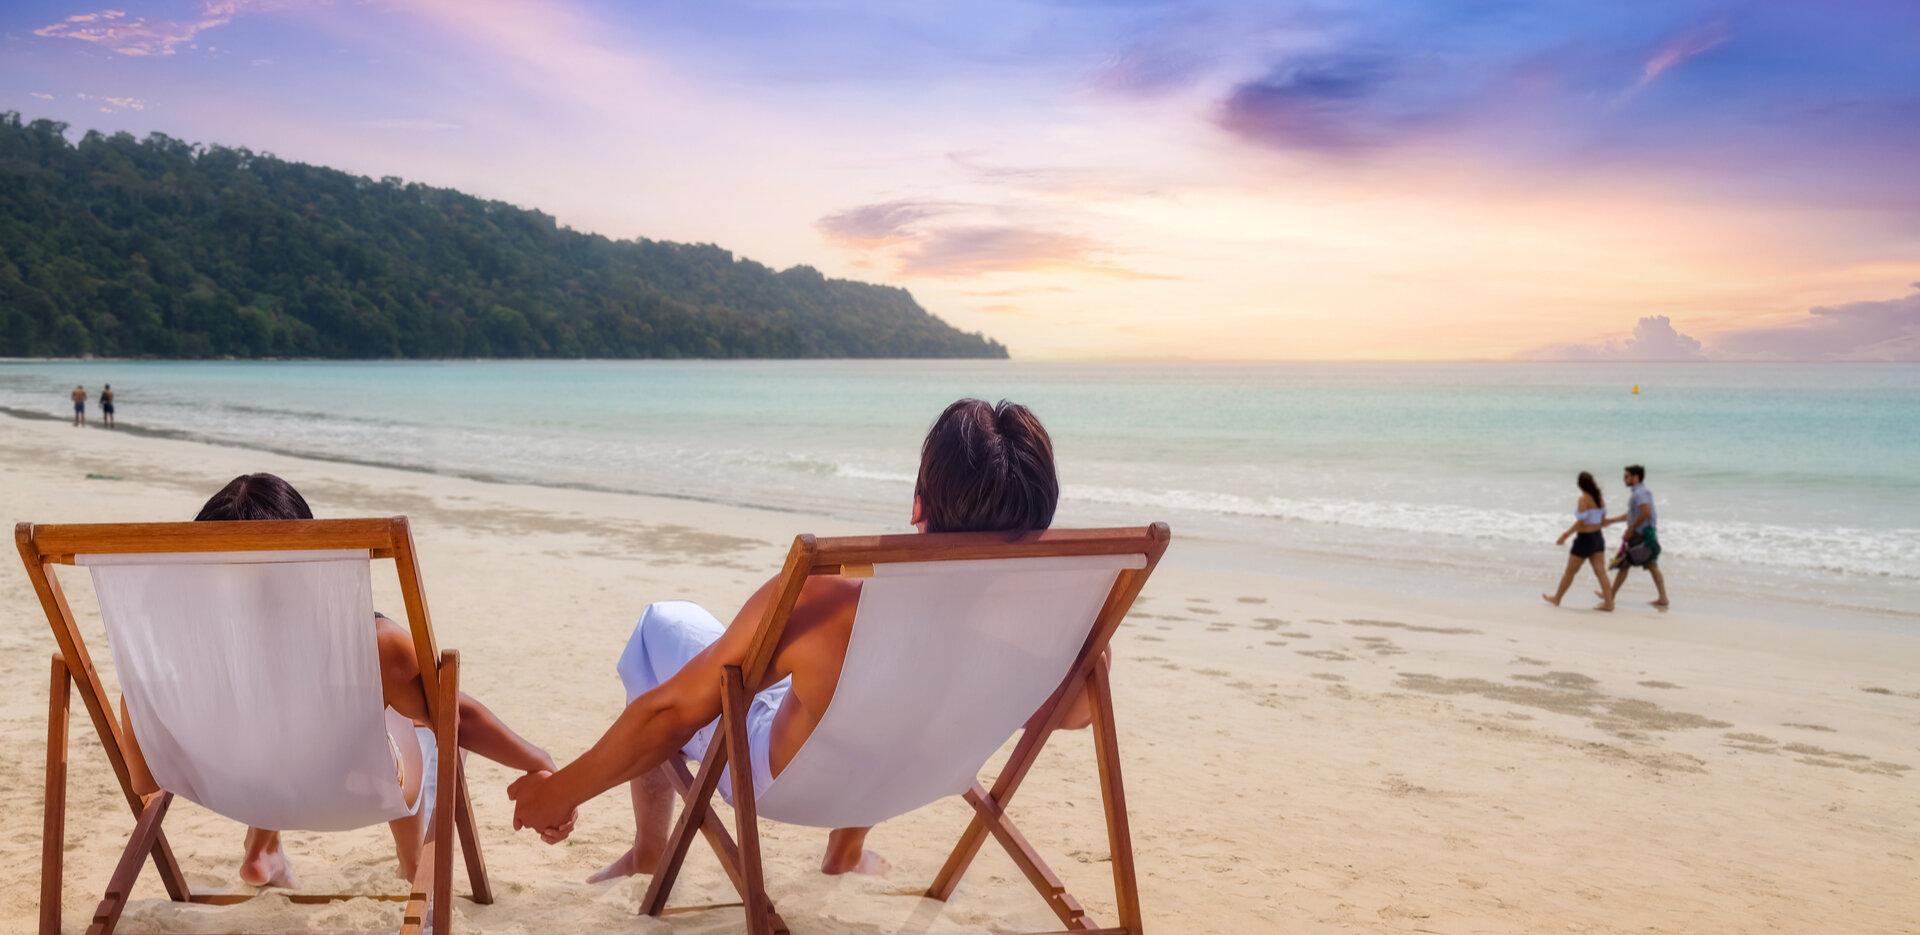 Holiday at Andaman and Nicobar